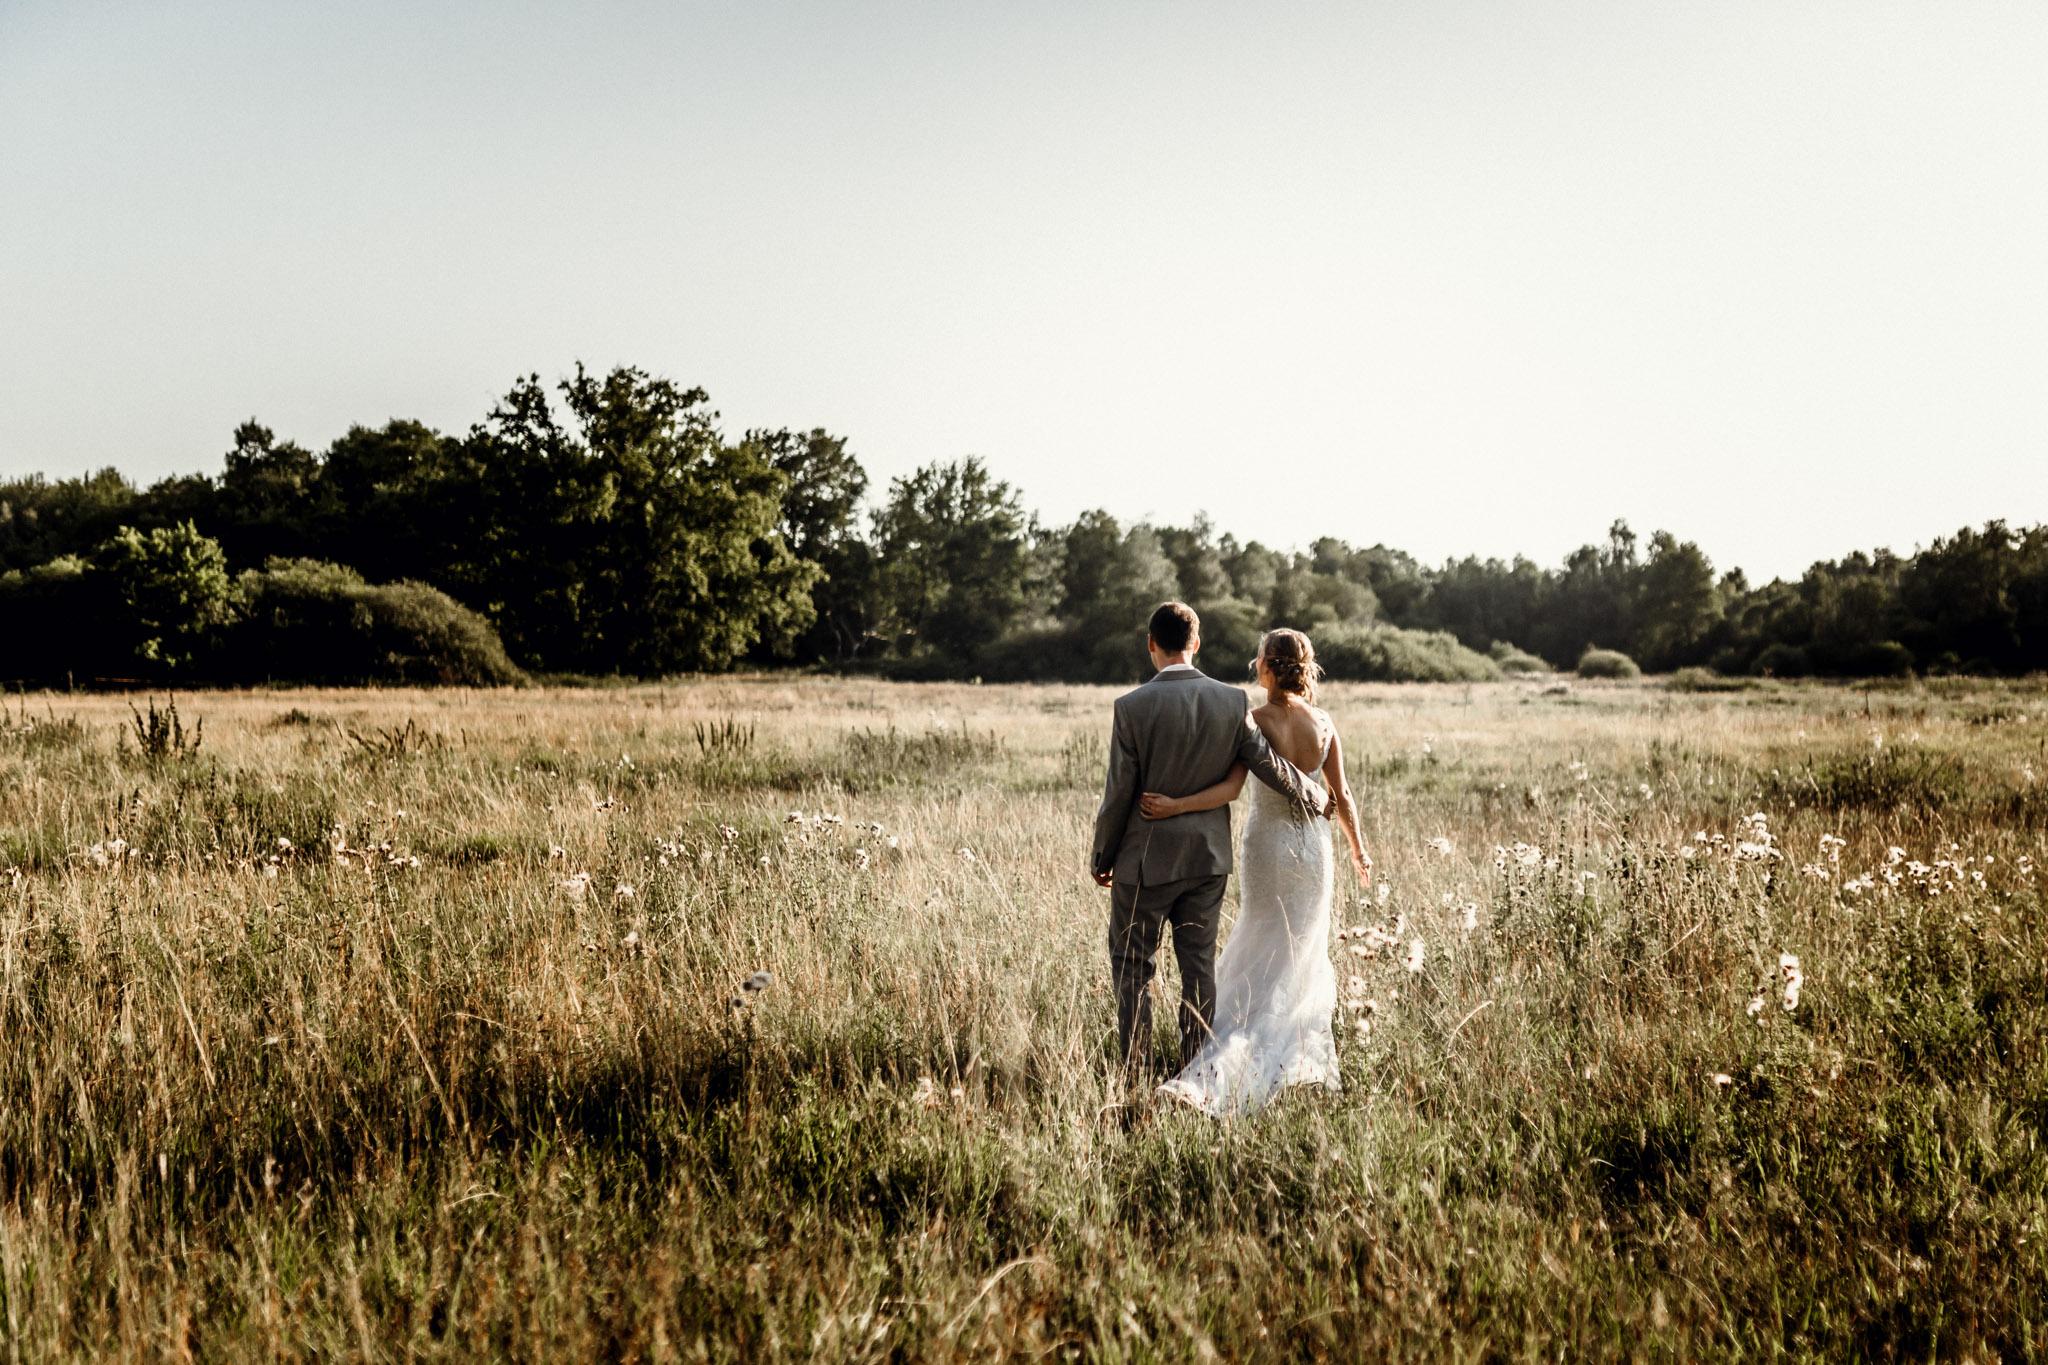 Sven Schomburg Hochzeitsfotografie, Hamburg, Mölln, Hochzeitsfieber by Photo-Schomburg, Hochzeitsreportage, Forsthaus Waldhusen, Braut, Bräutigam-69